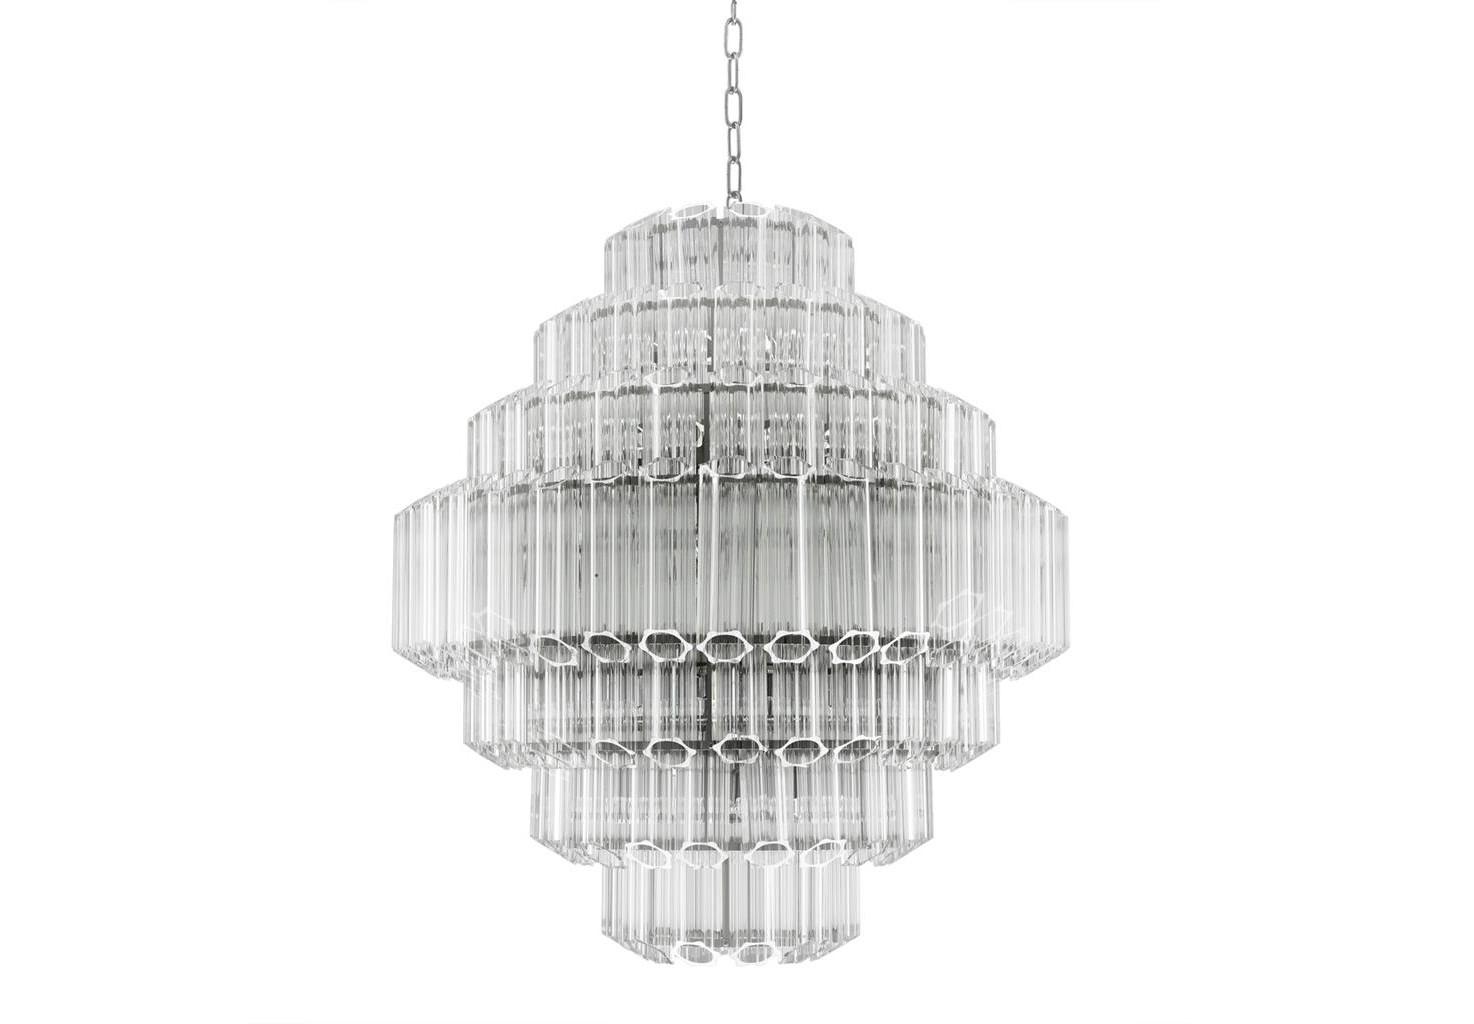 Подвесная люстра  Chandelier CarducciЛюстры подвесные<br>Подвесной светильник Chandelier Vittoria L на никелированной арматуре. Плафон выполнен из многоуровневых пластин из прозрачного стекла. Высота светильника регулируется за счет звеньев цепи. Лампочки из серии Bulb&amp;amp;nbsp;представлены на нашем сайте и приобретаются отдельно.&amp;lt;div&amp;gt;&amp;lt;br&amp;gt;&amp;lt;/div&amp;gt;&amp;lt;div&amp;gt;&amp;lt;div&amp;gt;Тип цоколя: E14&amp;lt;/div&amp;gt;&amp;lt;div&amp;gt;Мощность: 40W&amp;lt;/div&amp;gt;&amp;lt;div&amp;gt;Кол-во ламп: 18 (нет в комплекте)&amp;lt;/div&amp;gt;&amp;lt;/div&amp;gt;<br><br>Material: Стекло<br>Ширина см: 80.0<br>Высота см: 89.0<br>Глубина см: 80.0